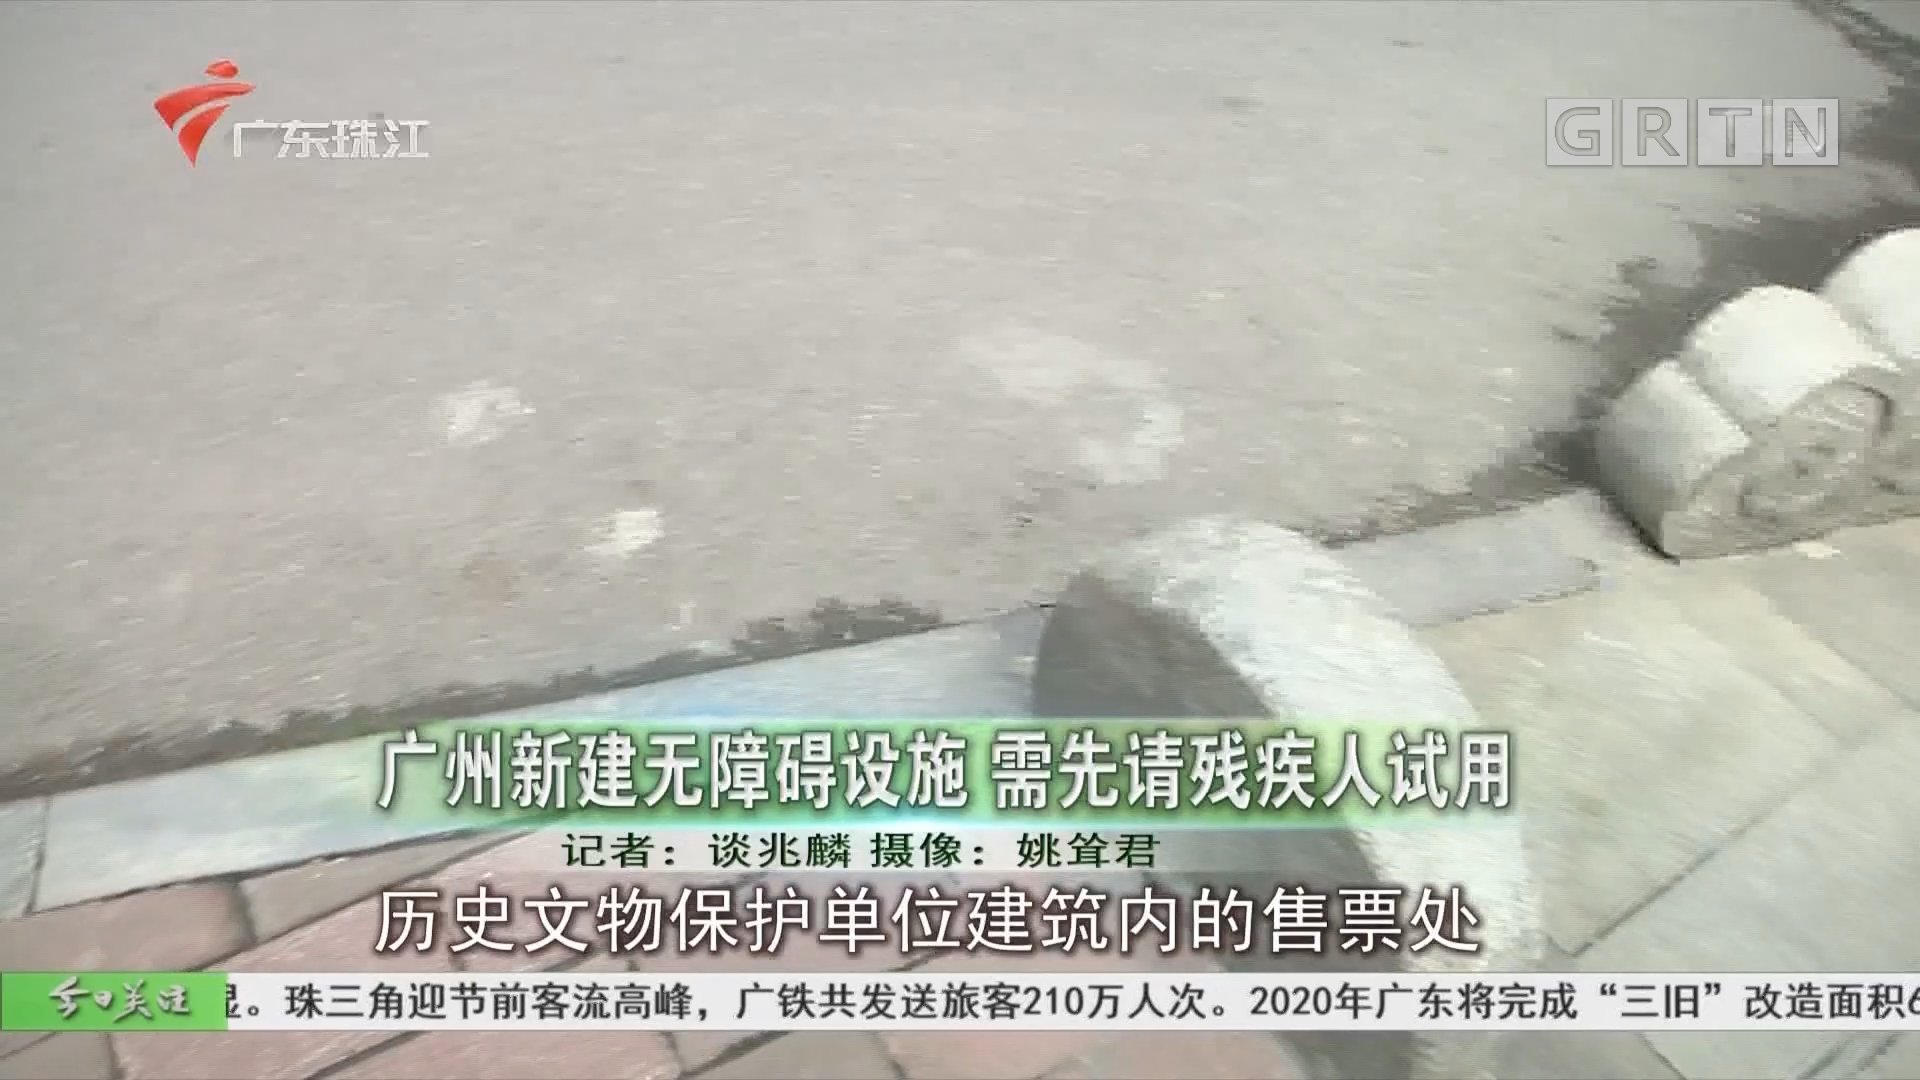 广州新建无障碍设施 需先请残疾人试用